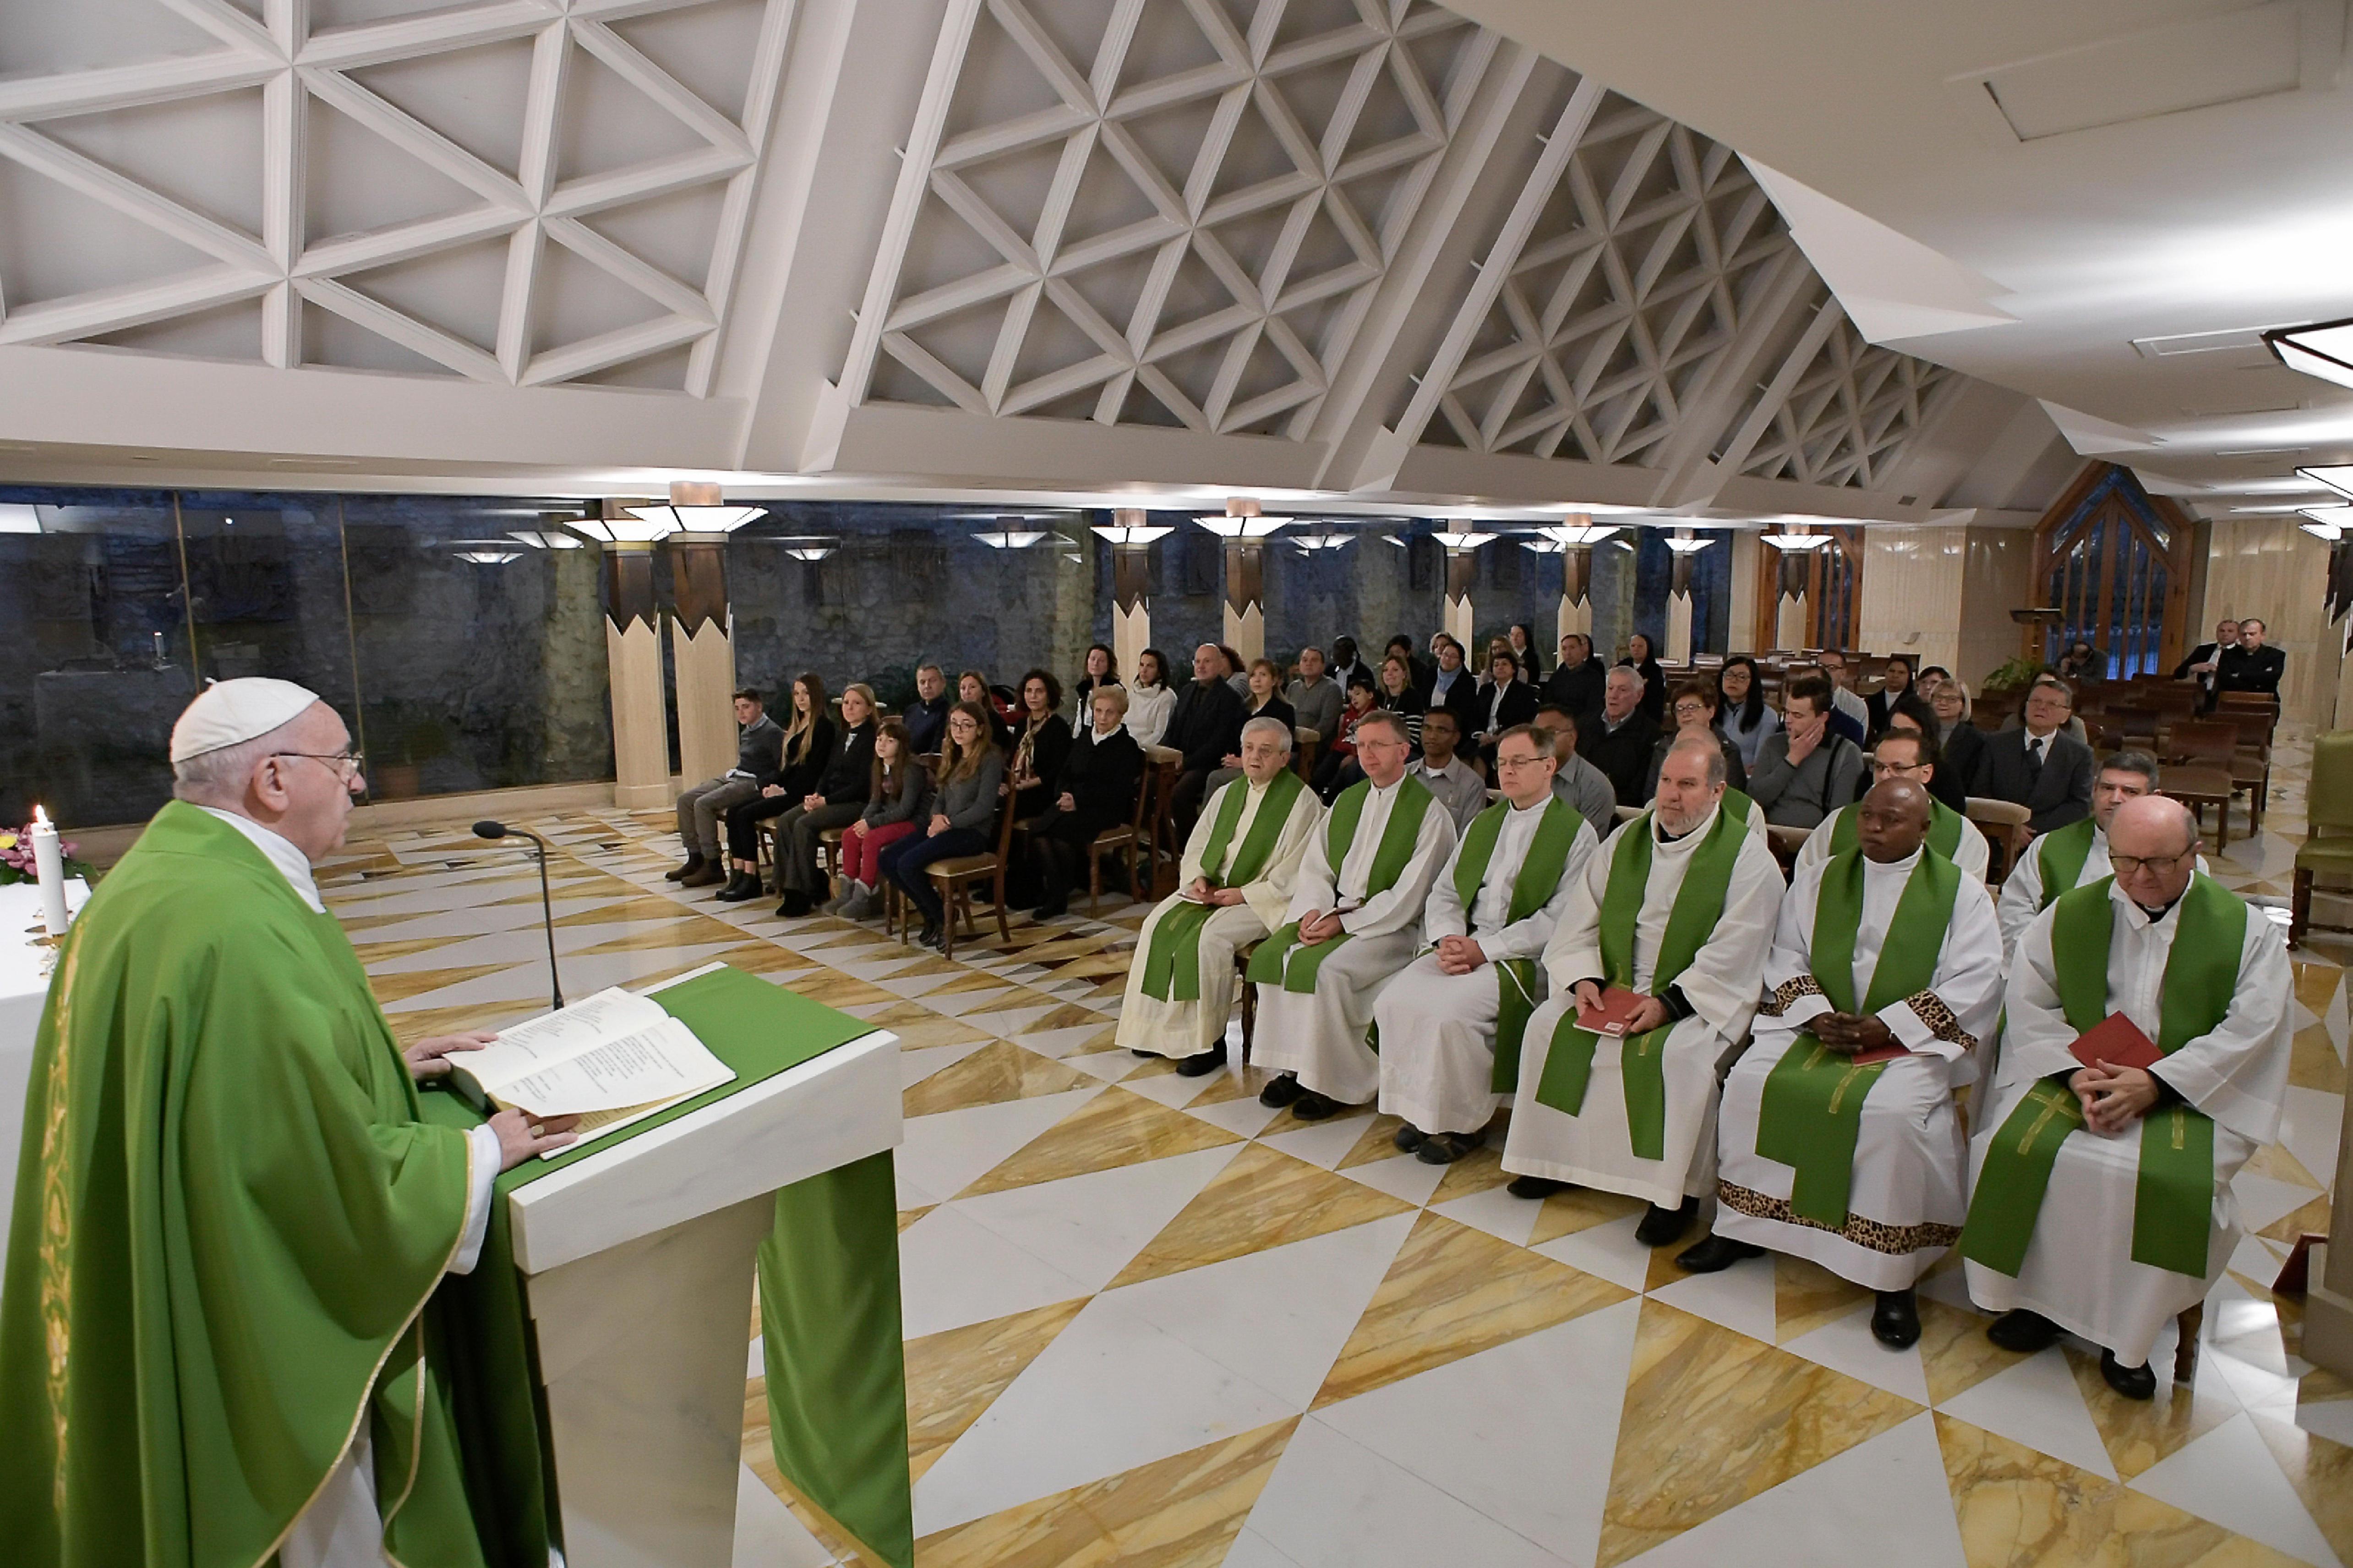 Misa Santa Marta 29 nov. 2018 © Vatican Media